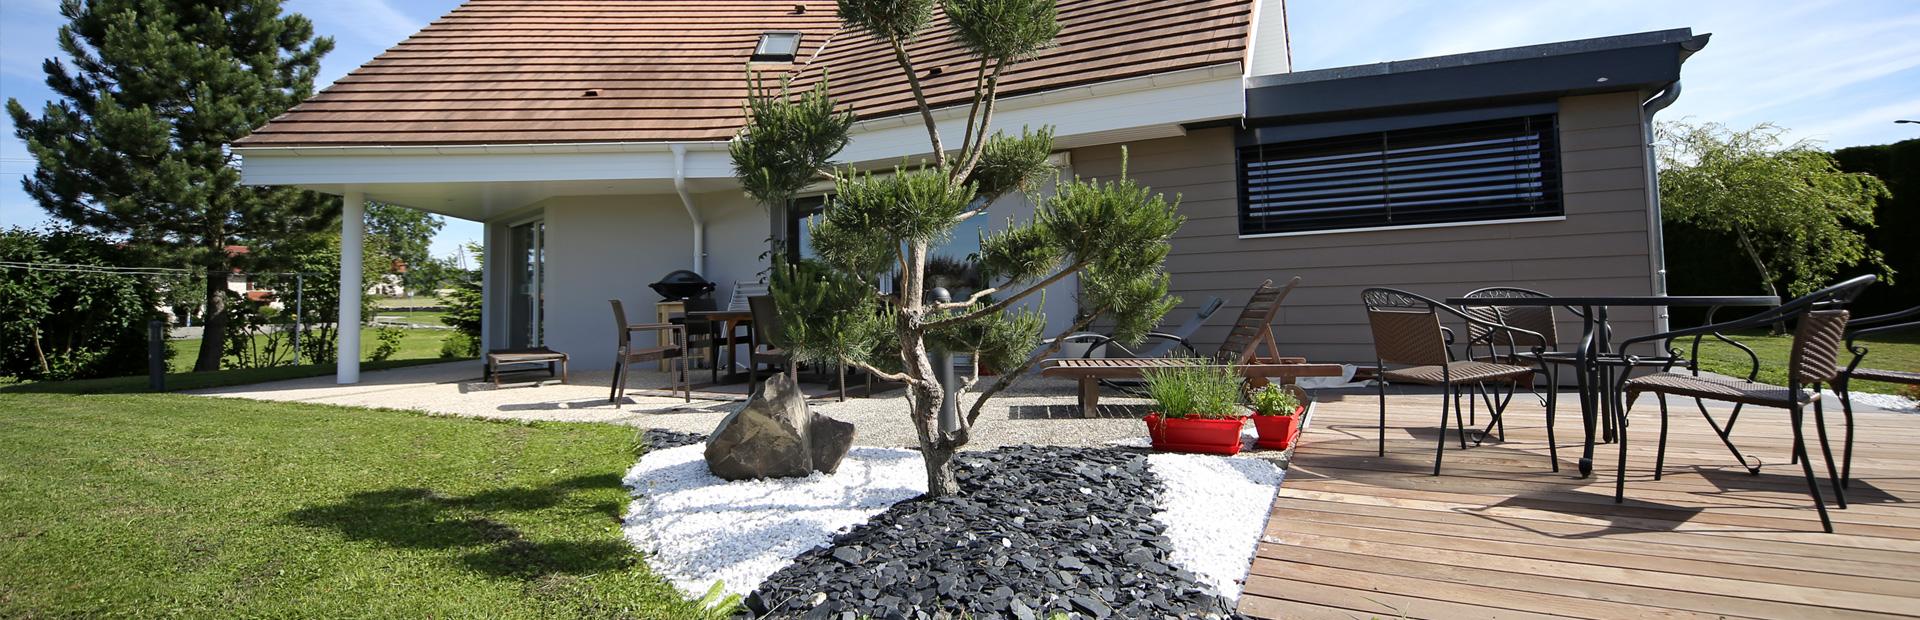 Paysagiste doubs am nagement paysager d cors jardins - Amenagement paysagerjardins exceptionnels a decouvrir ...